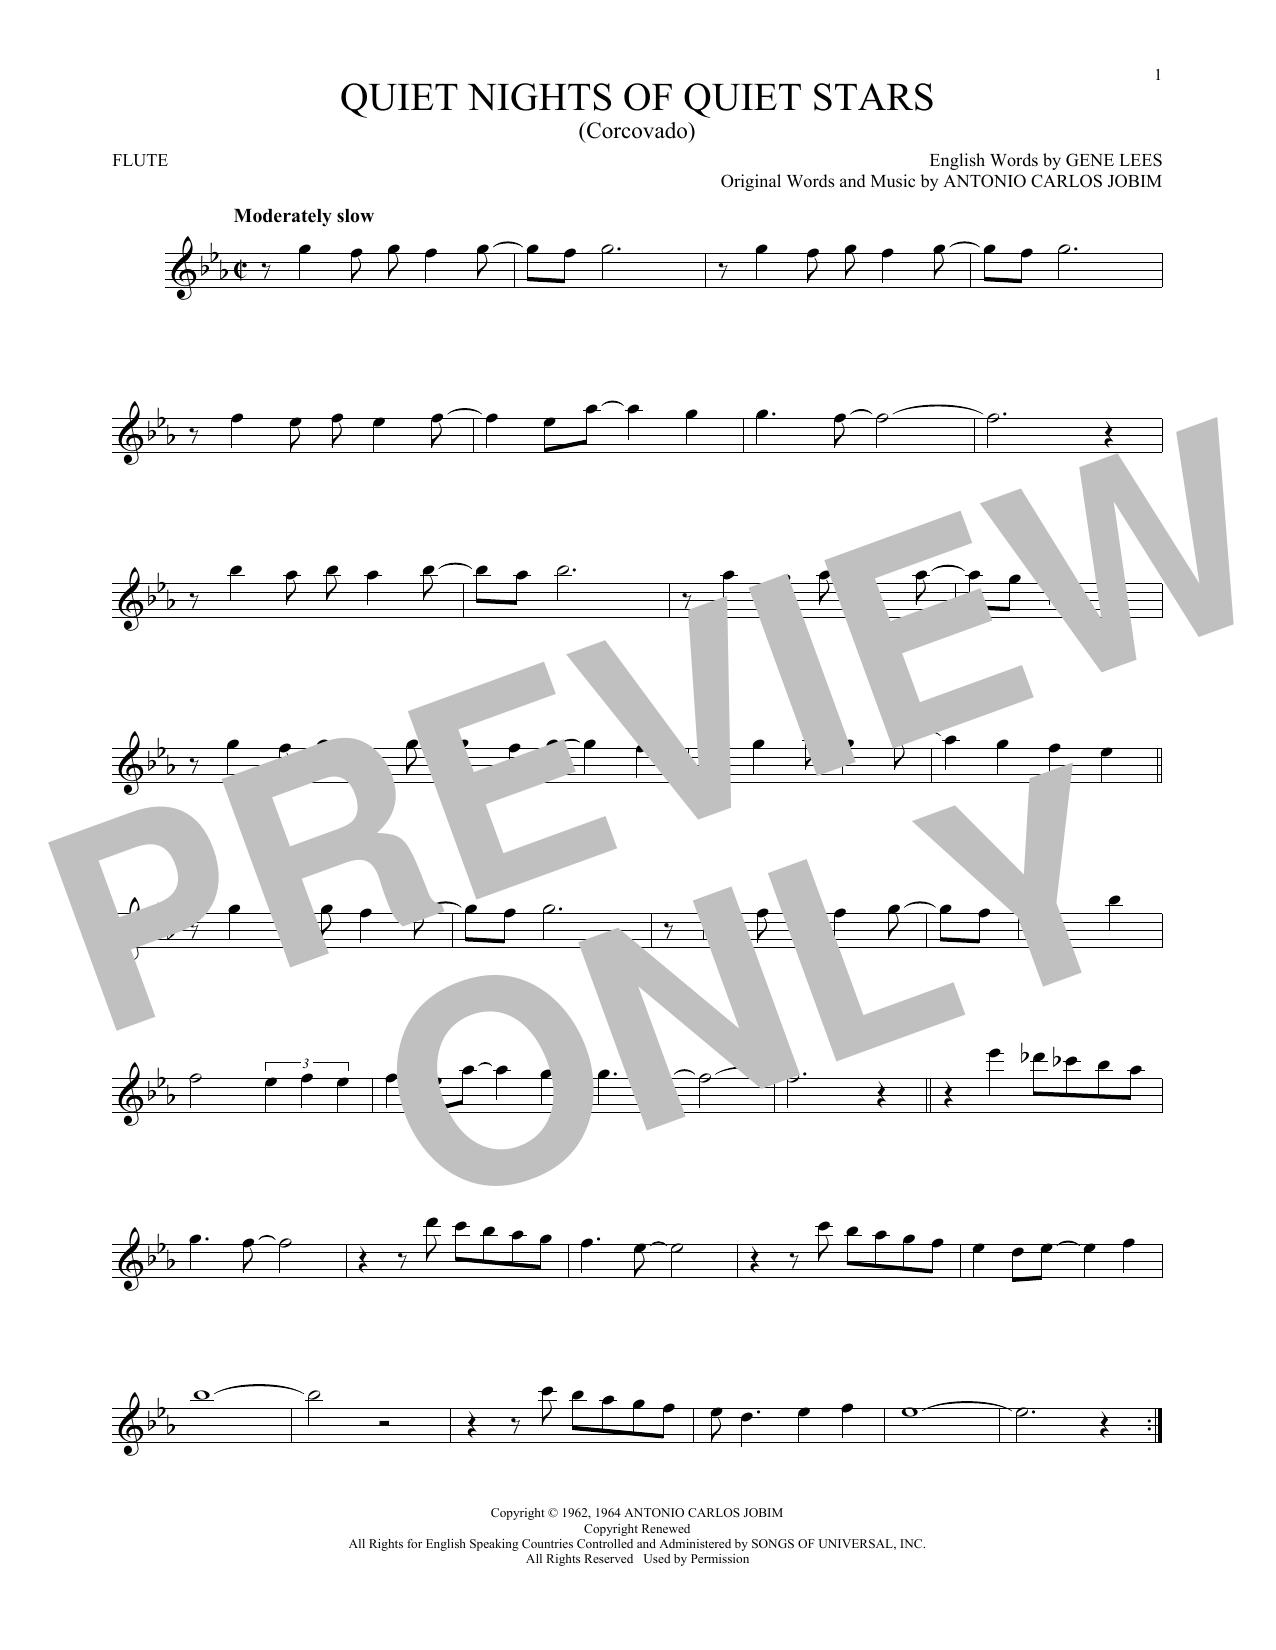 Quiet Nights Of Quiet Stars (Corcovado) (Flute Solo)